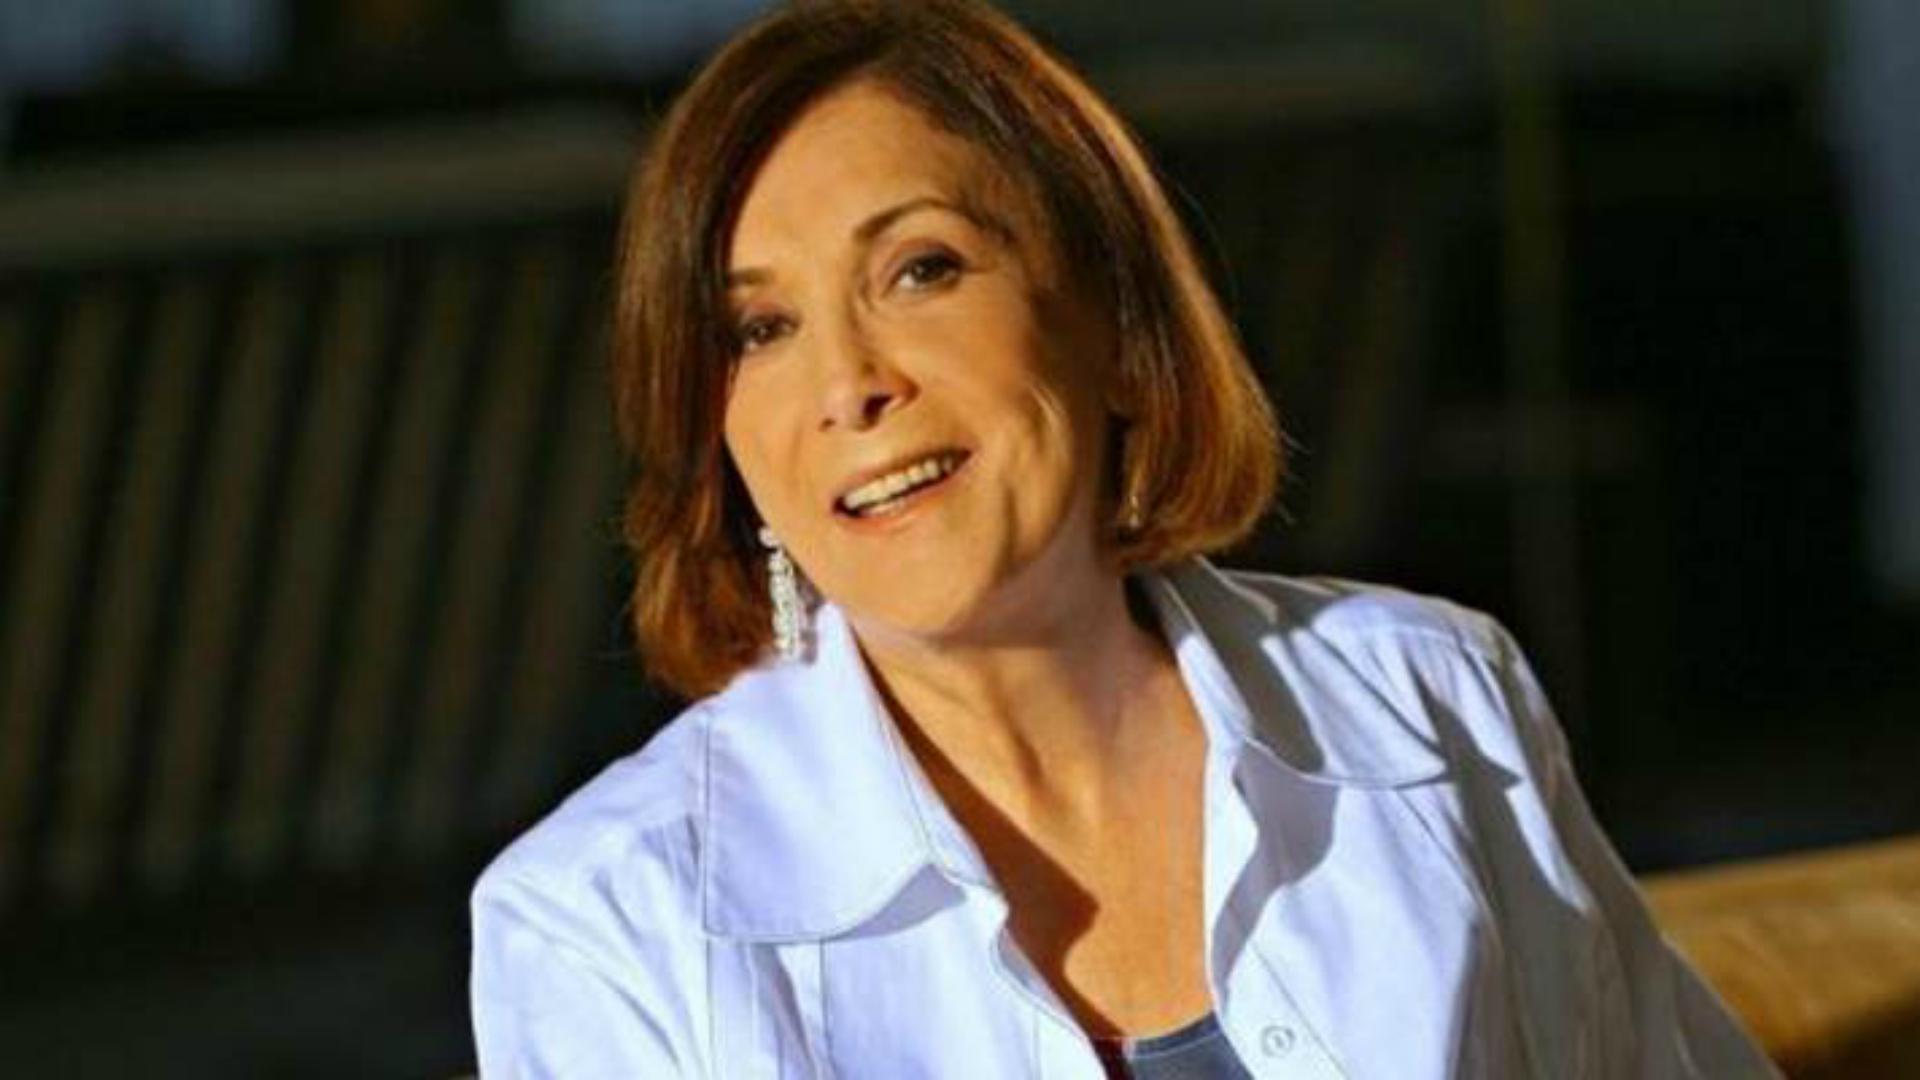 Luto no SBT: Morre de forma repentina atriz de 'Chiquititas'